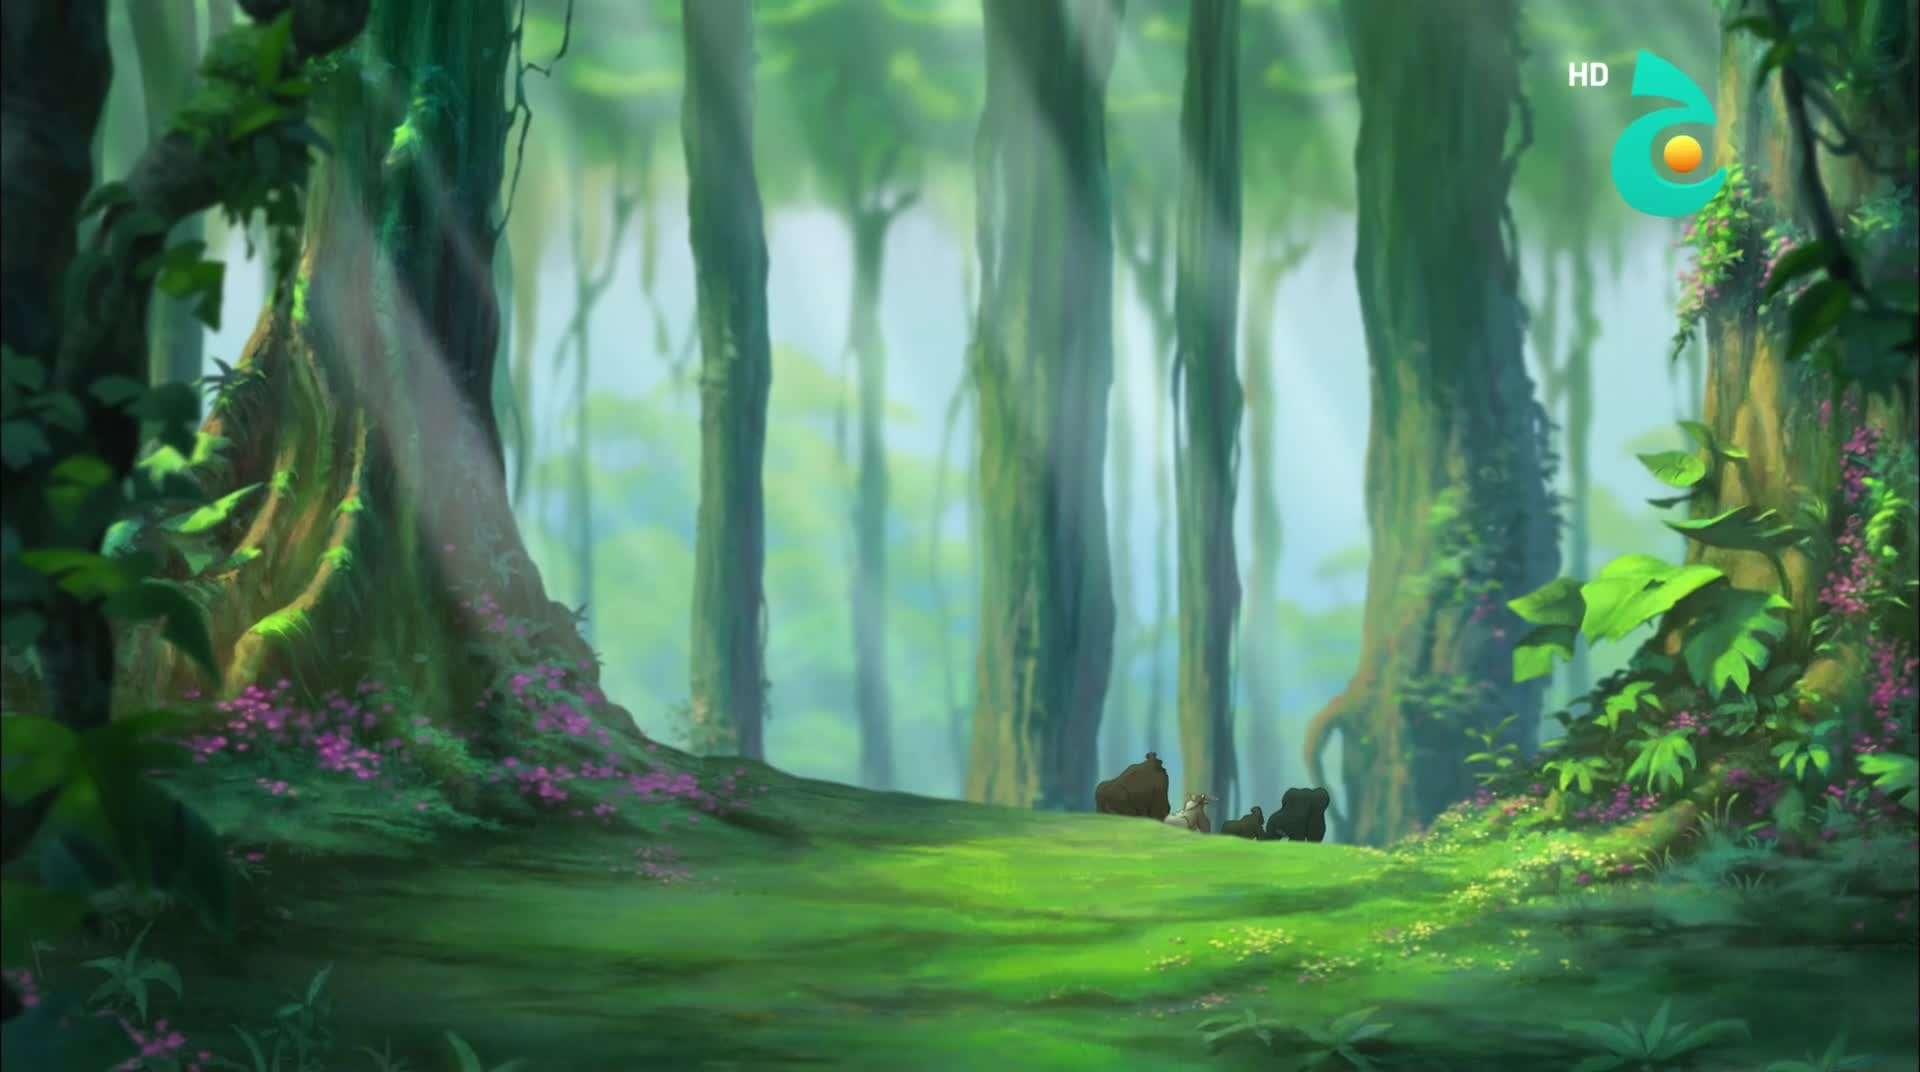 طرزان الجزء الثاني Tarzan II (2005) HDTV 1080p تحميل تورنت 15 arabp2p.com